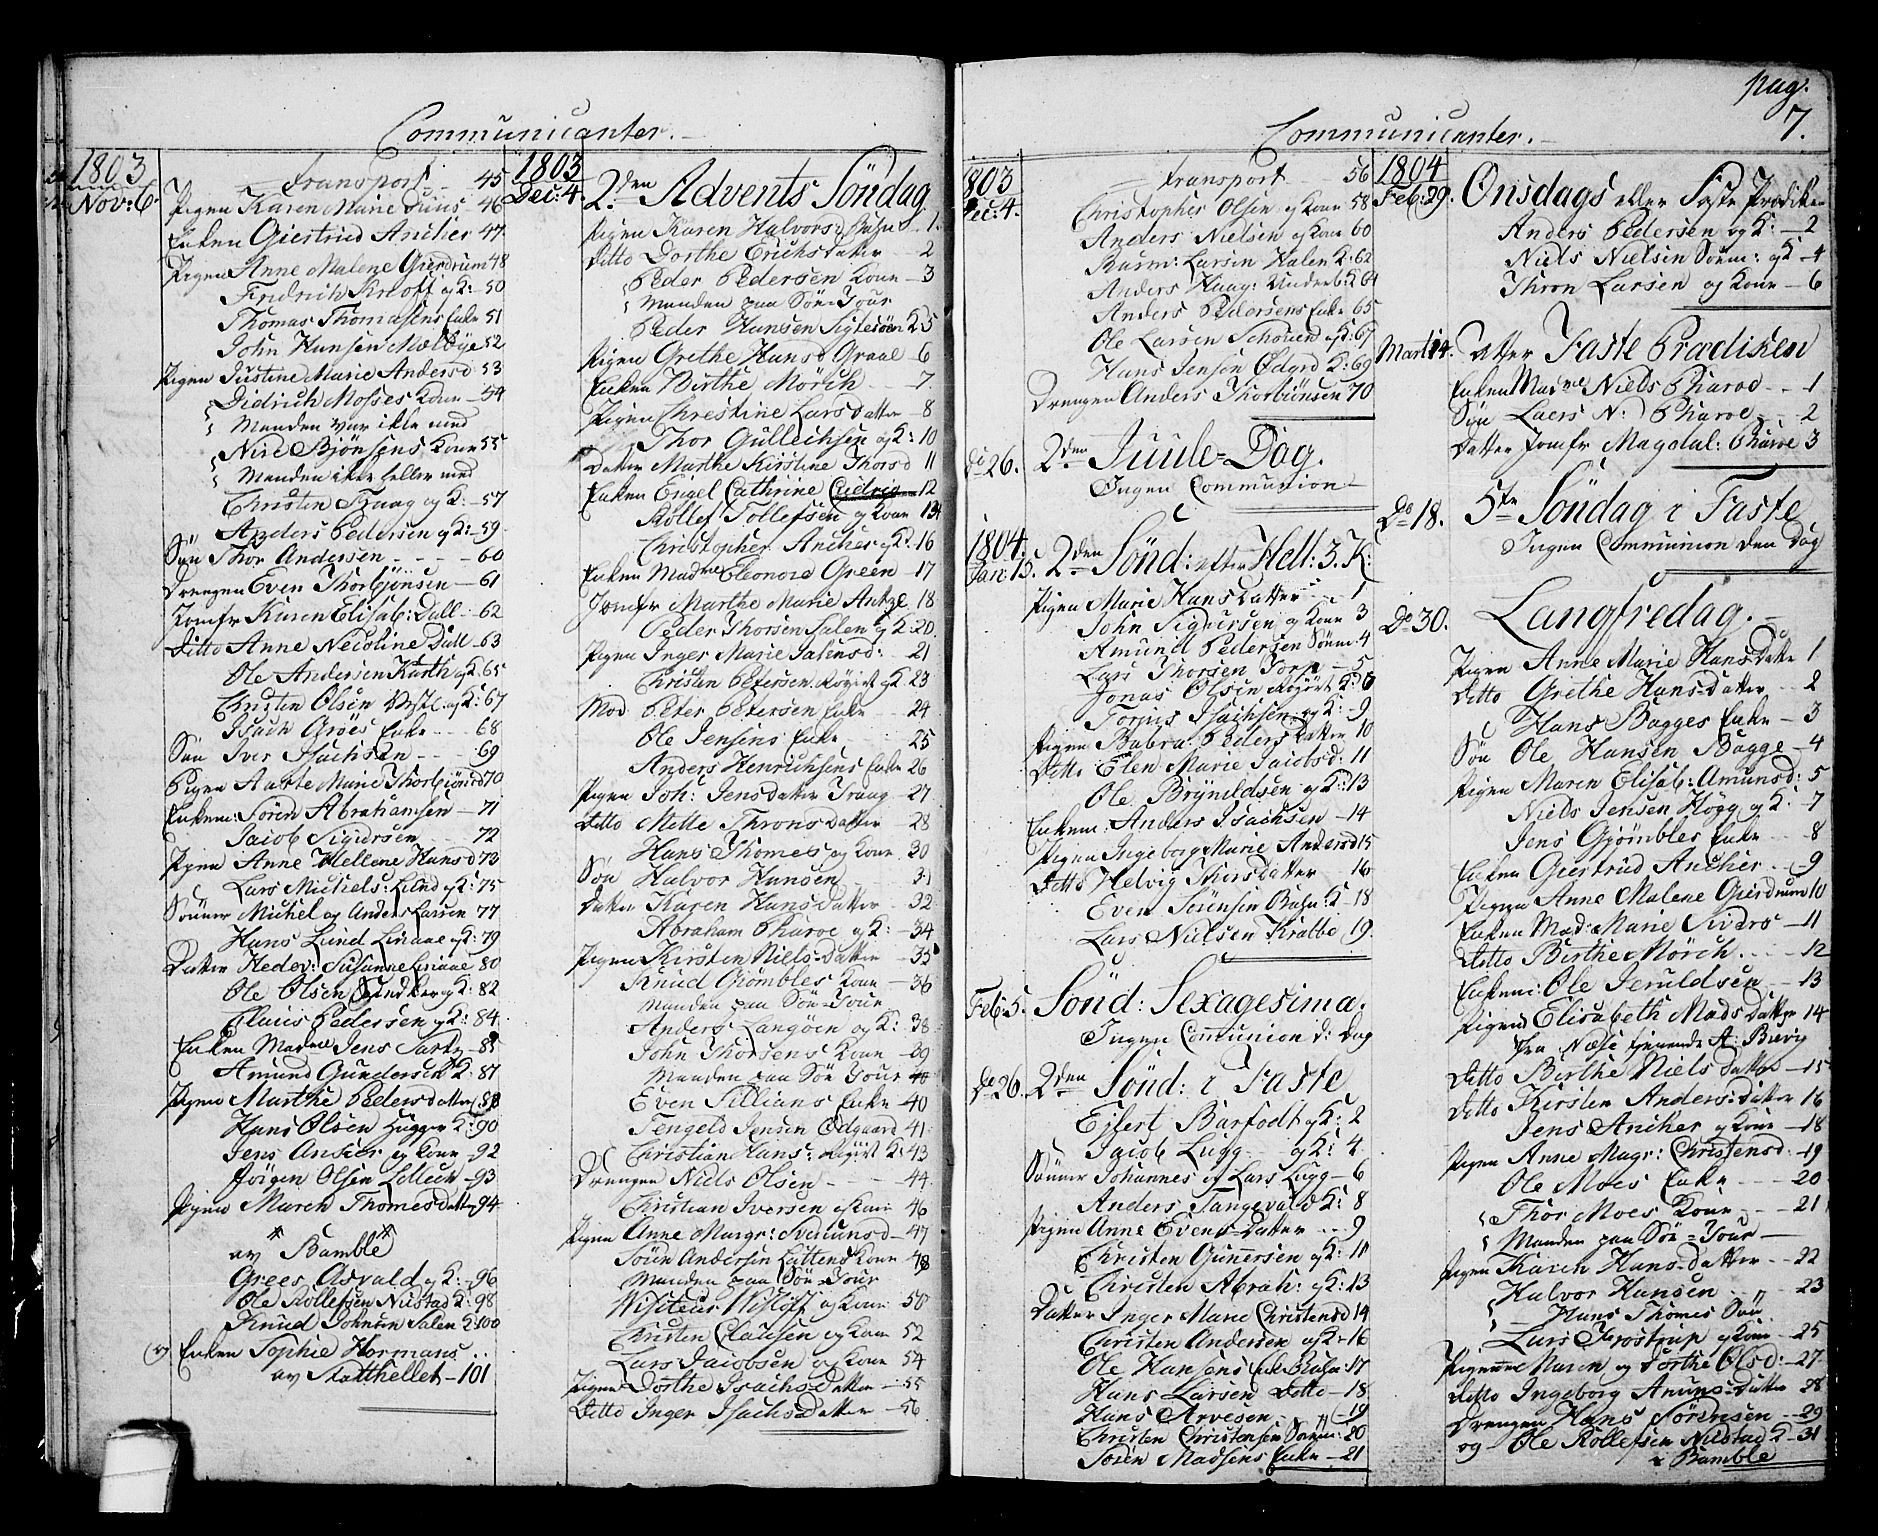 SAKO, Langesund kirkebøker, G/Ga/L0002: Klokkerbok nr. 2, 1801-1815, s. 7